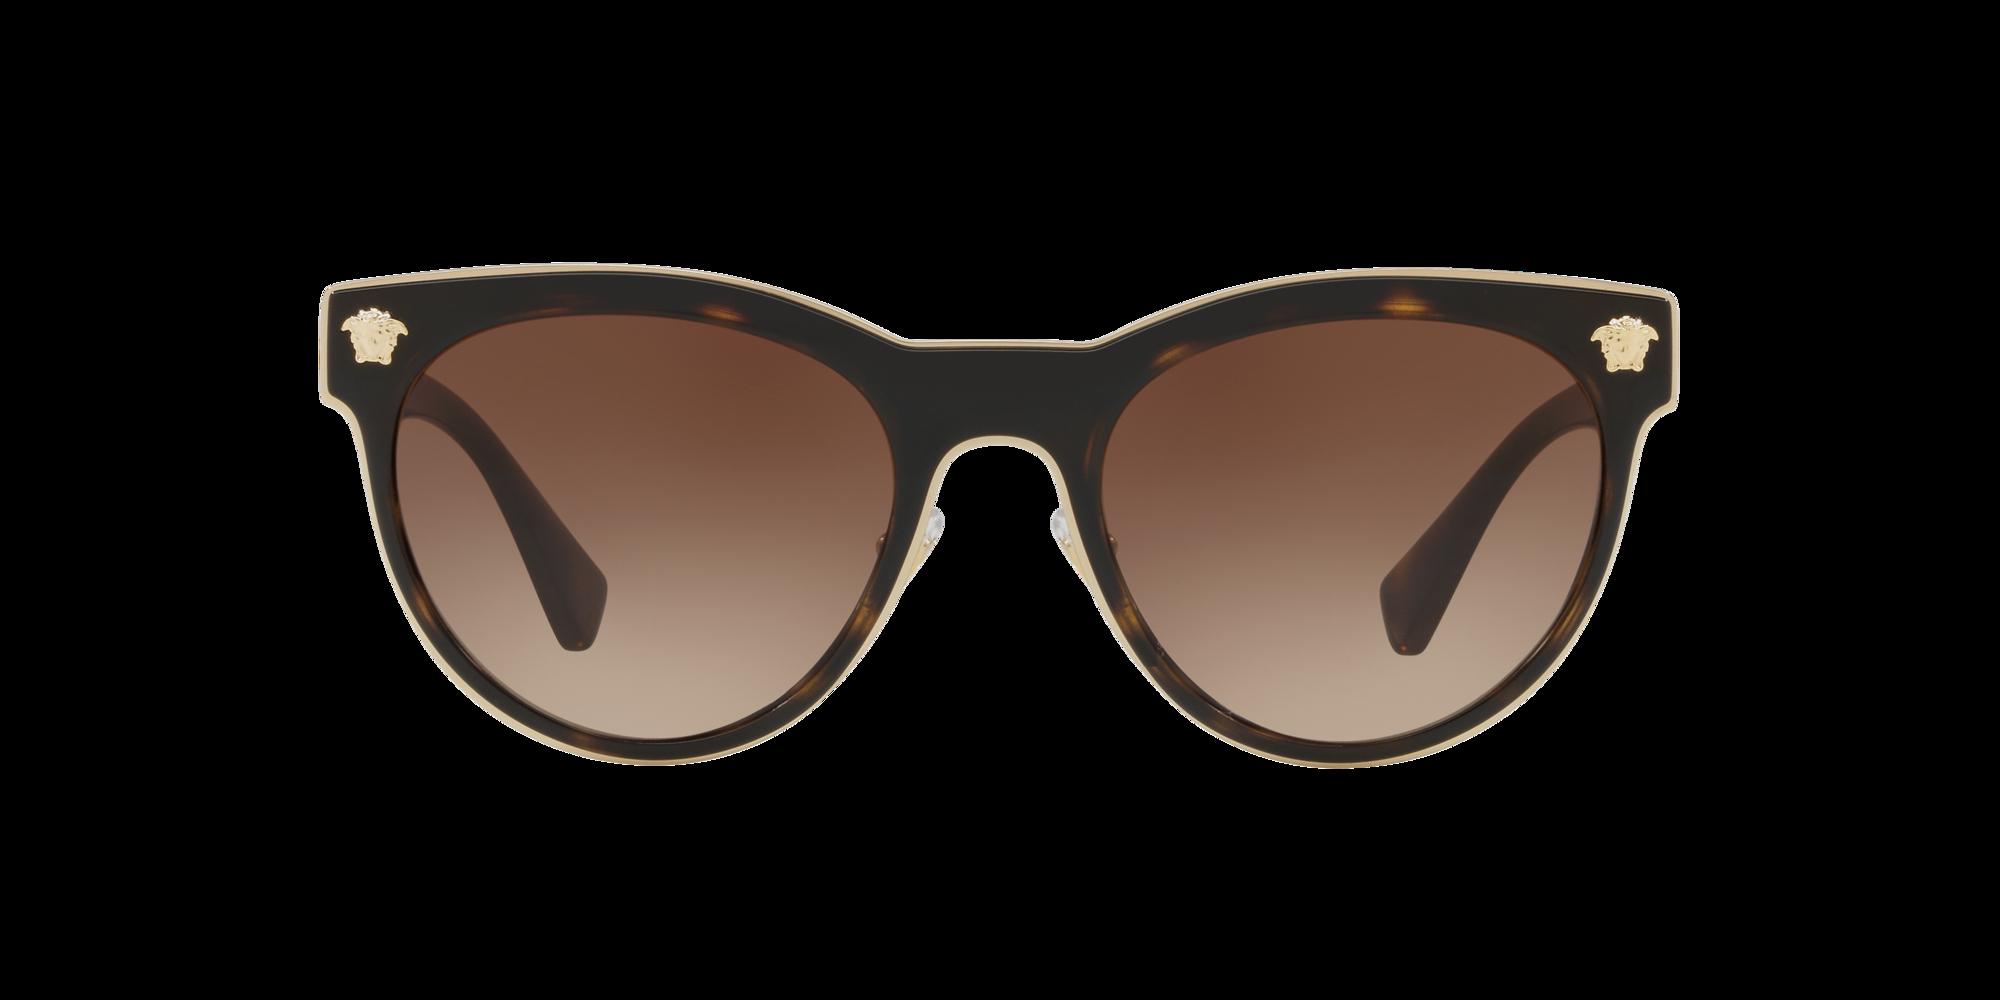 Imagen para VE2198 54 MEDUSA CHARM de LensCrafters |  Espejuelos, espejuelos graduados en línea, gafas